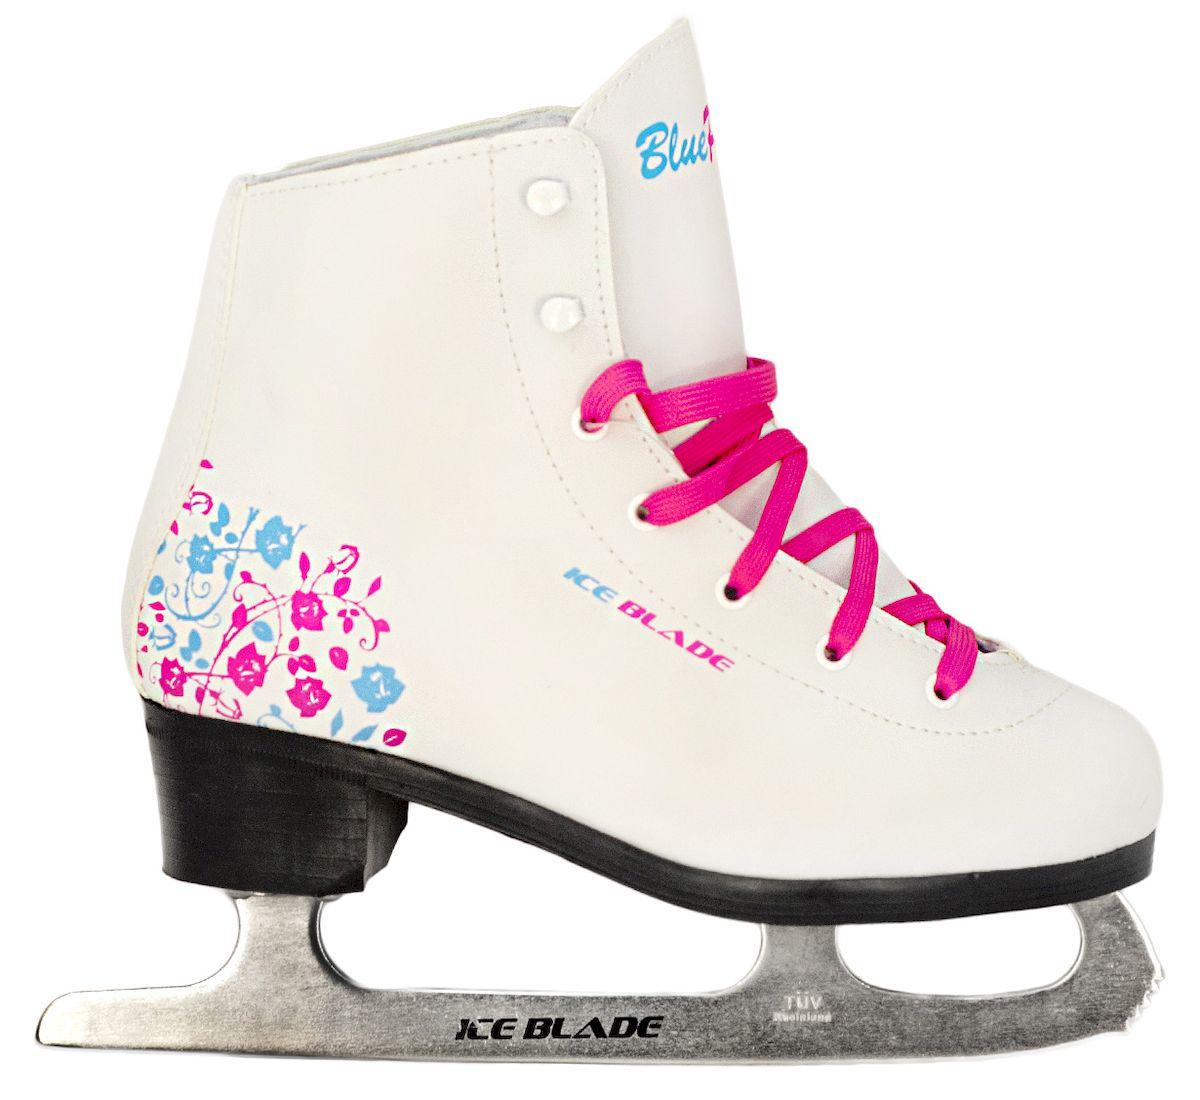 Коньки фигурные Ice Blade BluePink, цвет: белый, розовый, голубой. УТ-00006869. Размер 35